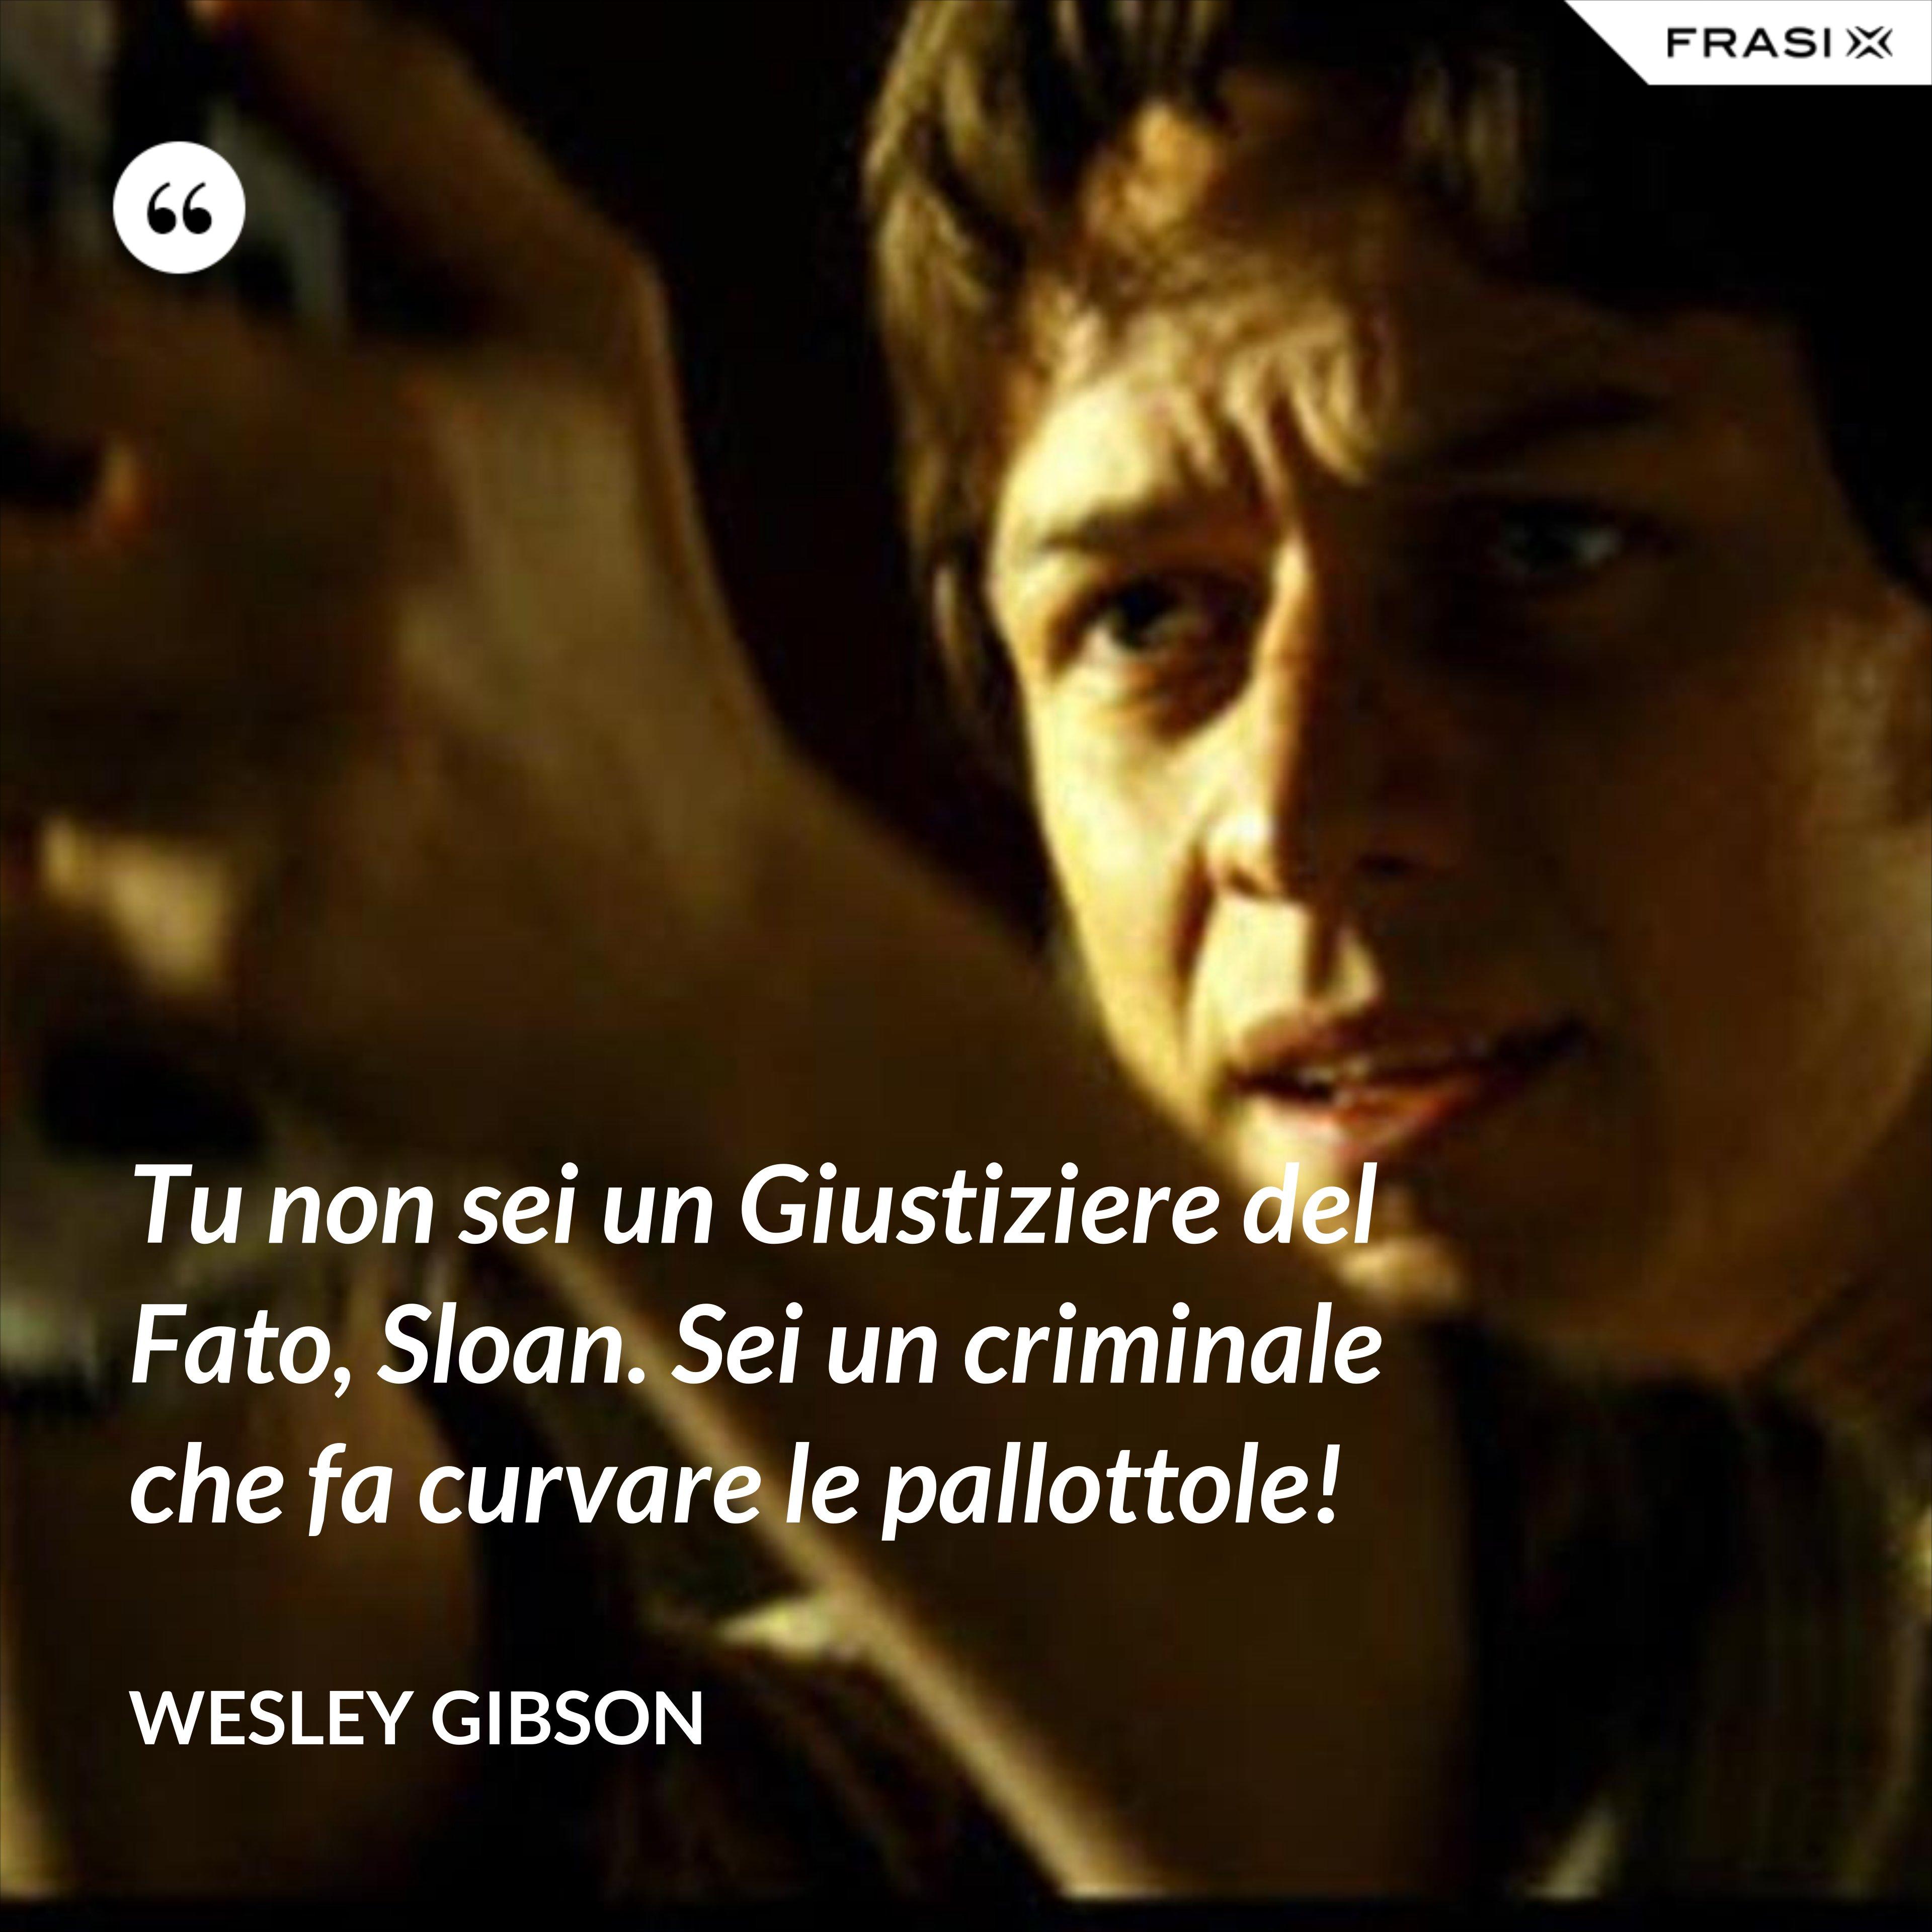 Tu non sei un Giustiziere del Fato, Sloan. Sei un criminale che fa curvare le pallottole! - Wesley Gibson